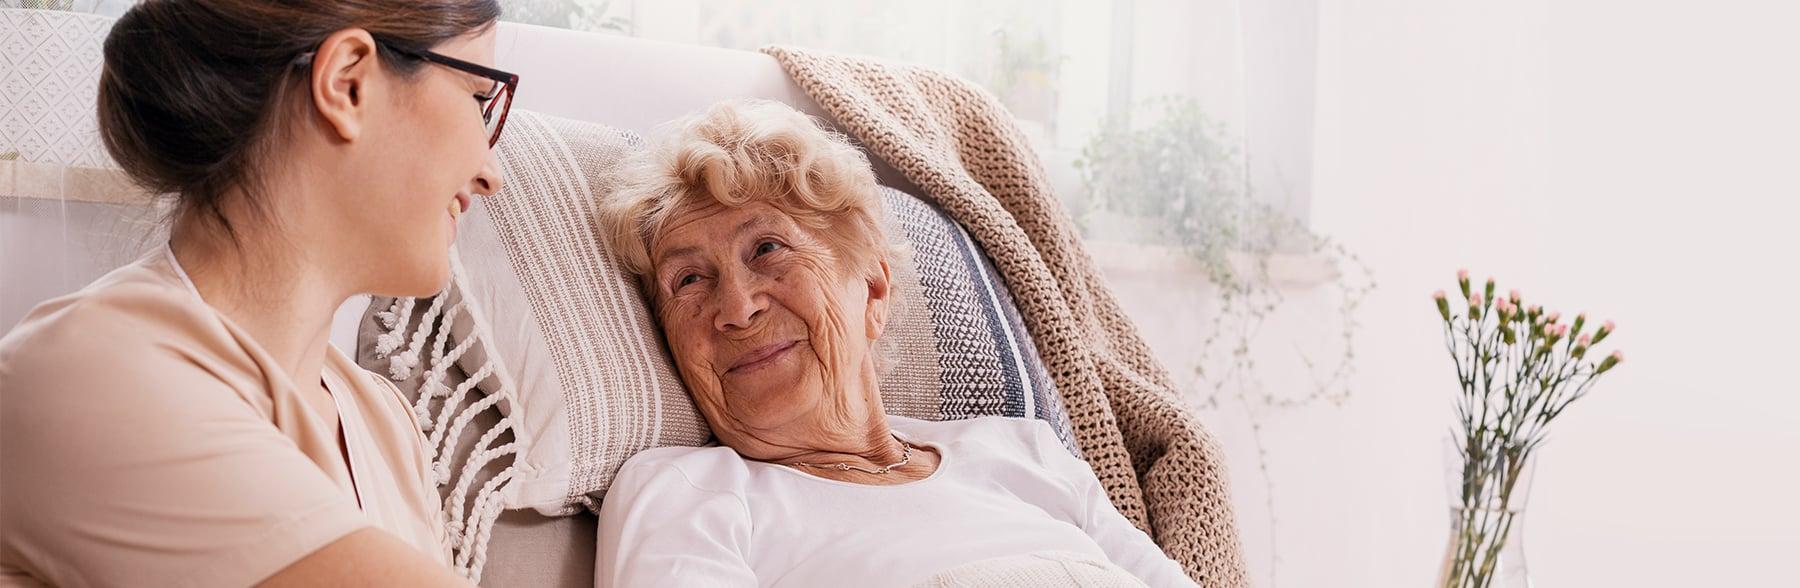 Caregiver by senior client's bedside